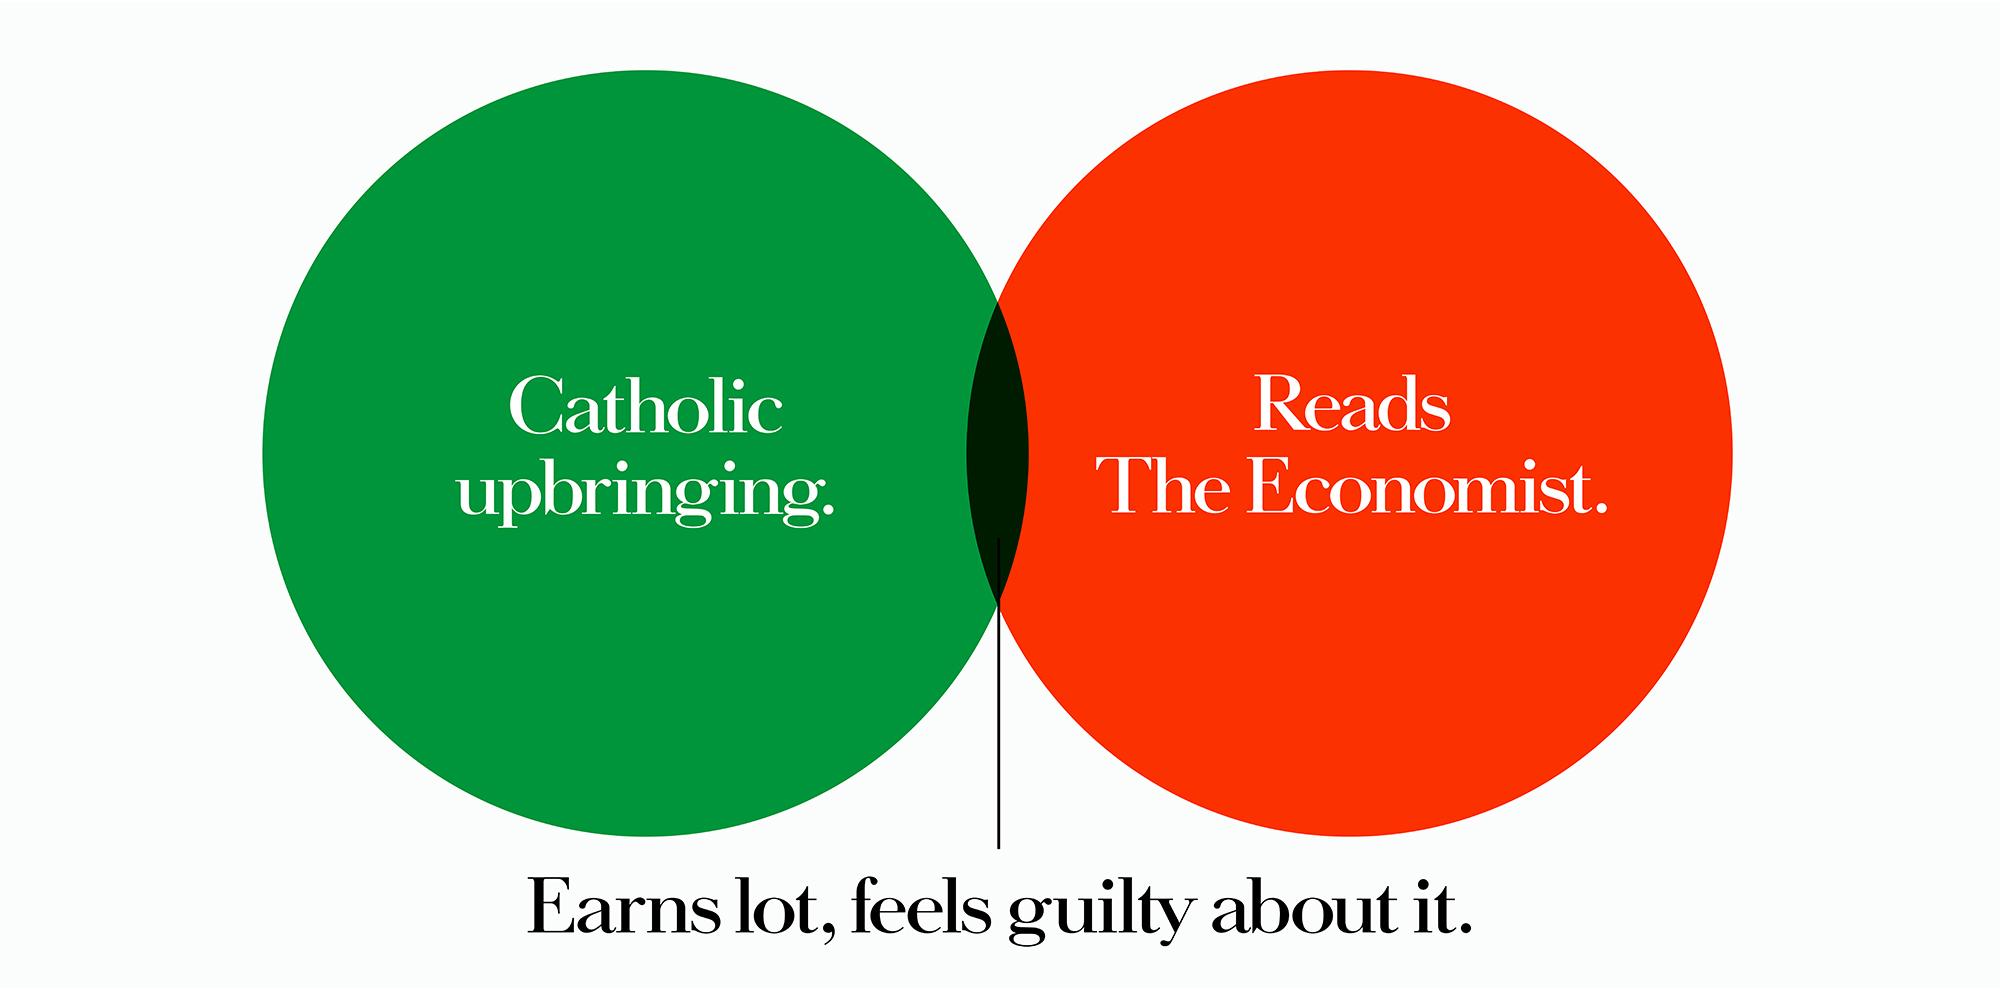 'Catholic' The Economist, Dave Dye, Venn, 48 sheet, AMV-BBDO